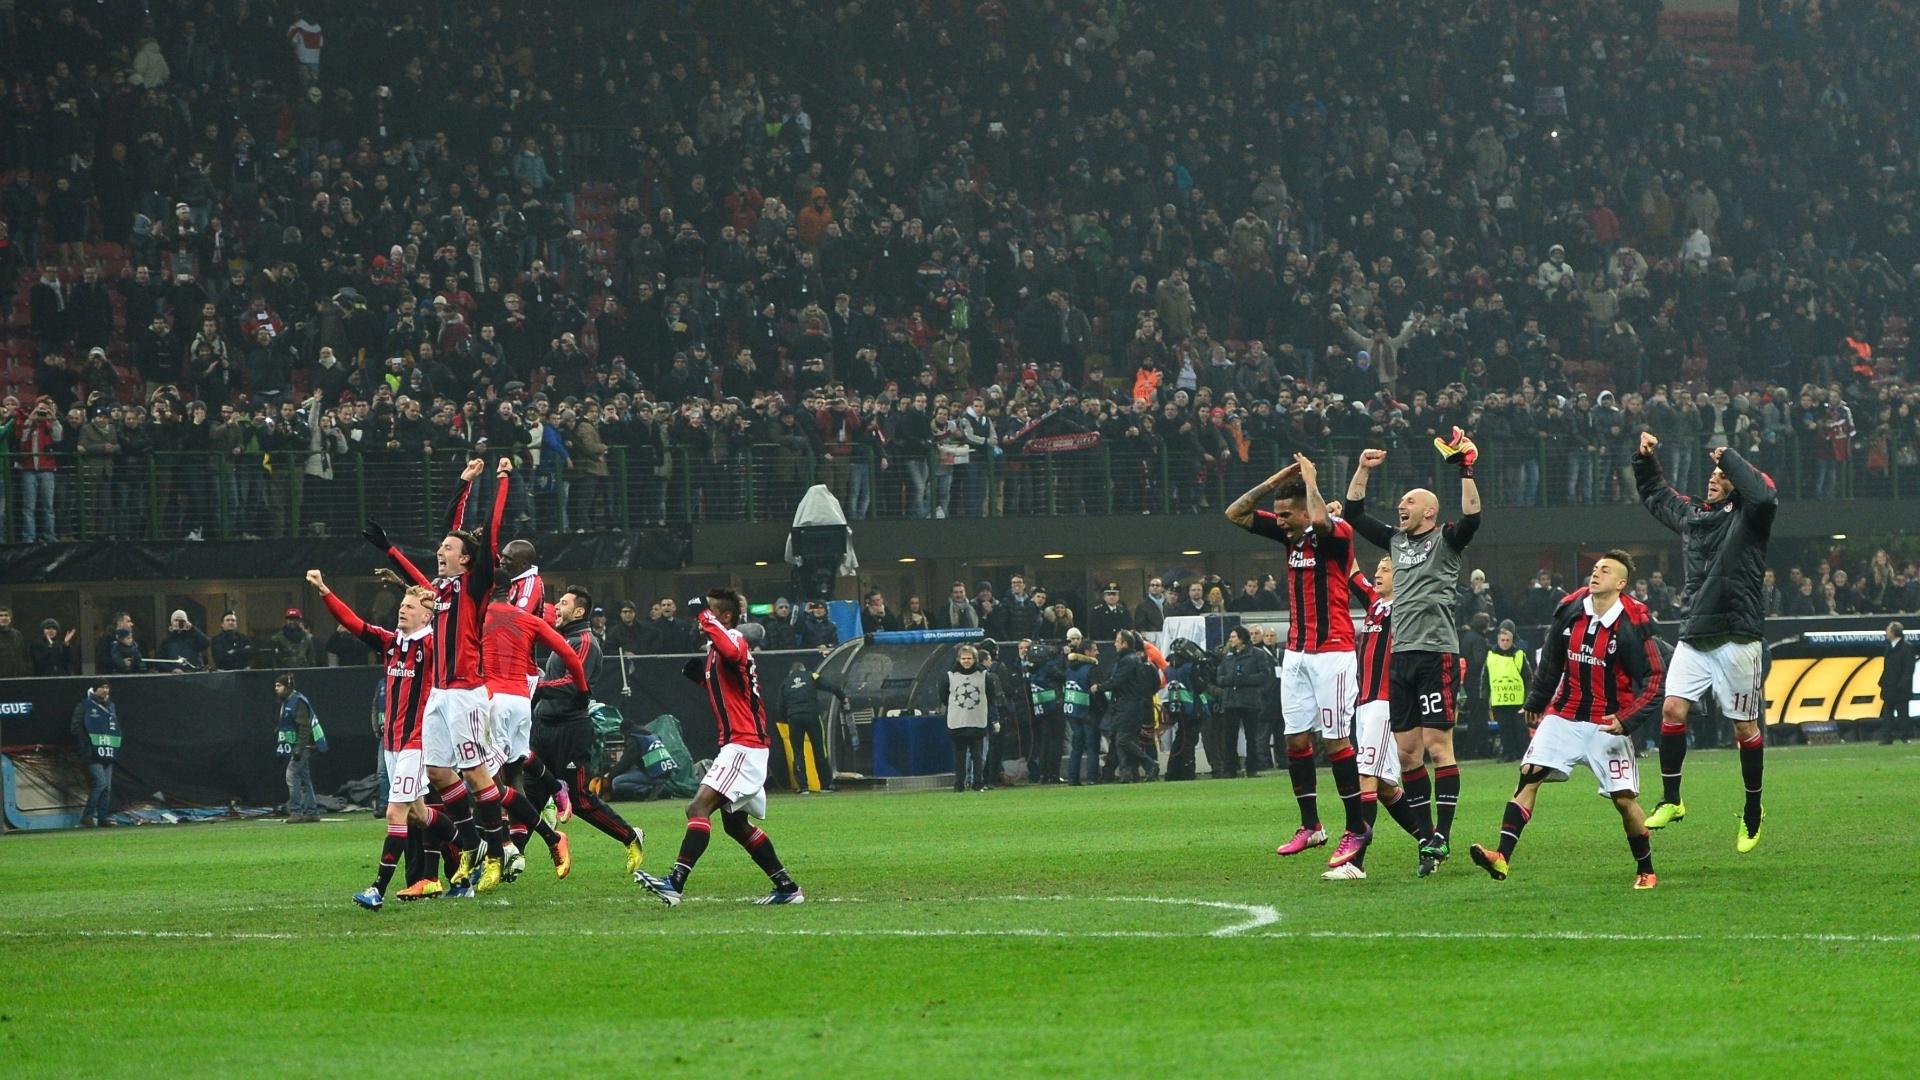 20.fev.2013 - Jogadores do Milan agradecem aos torcedores após a vitória por 2 a 0 em cima do Barcelona